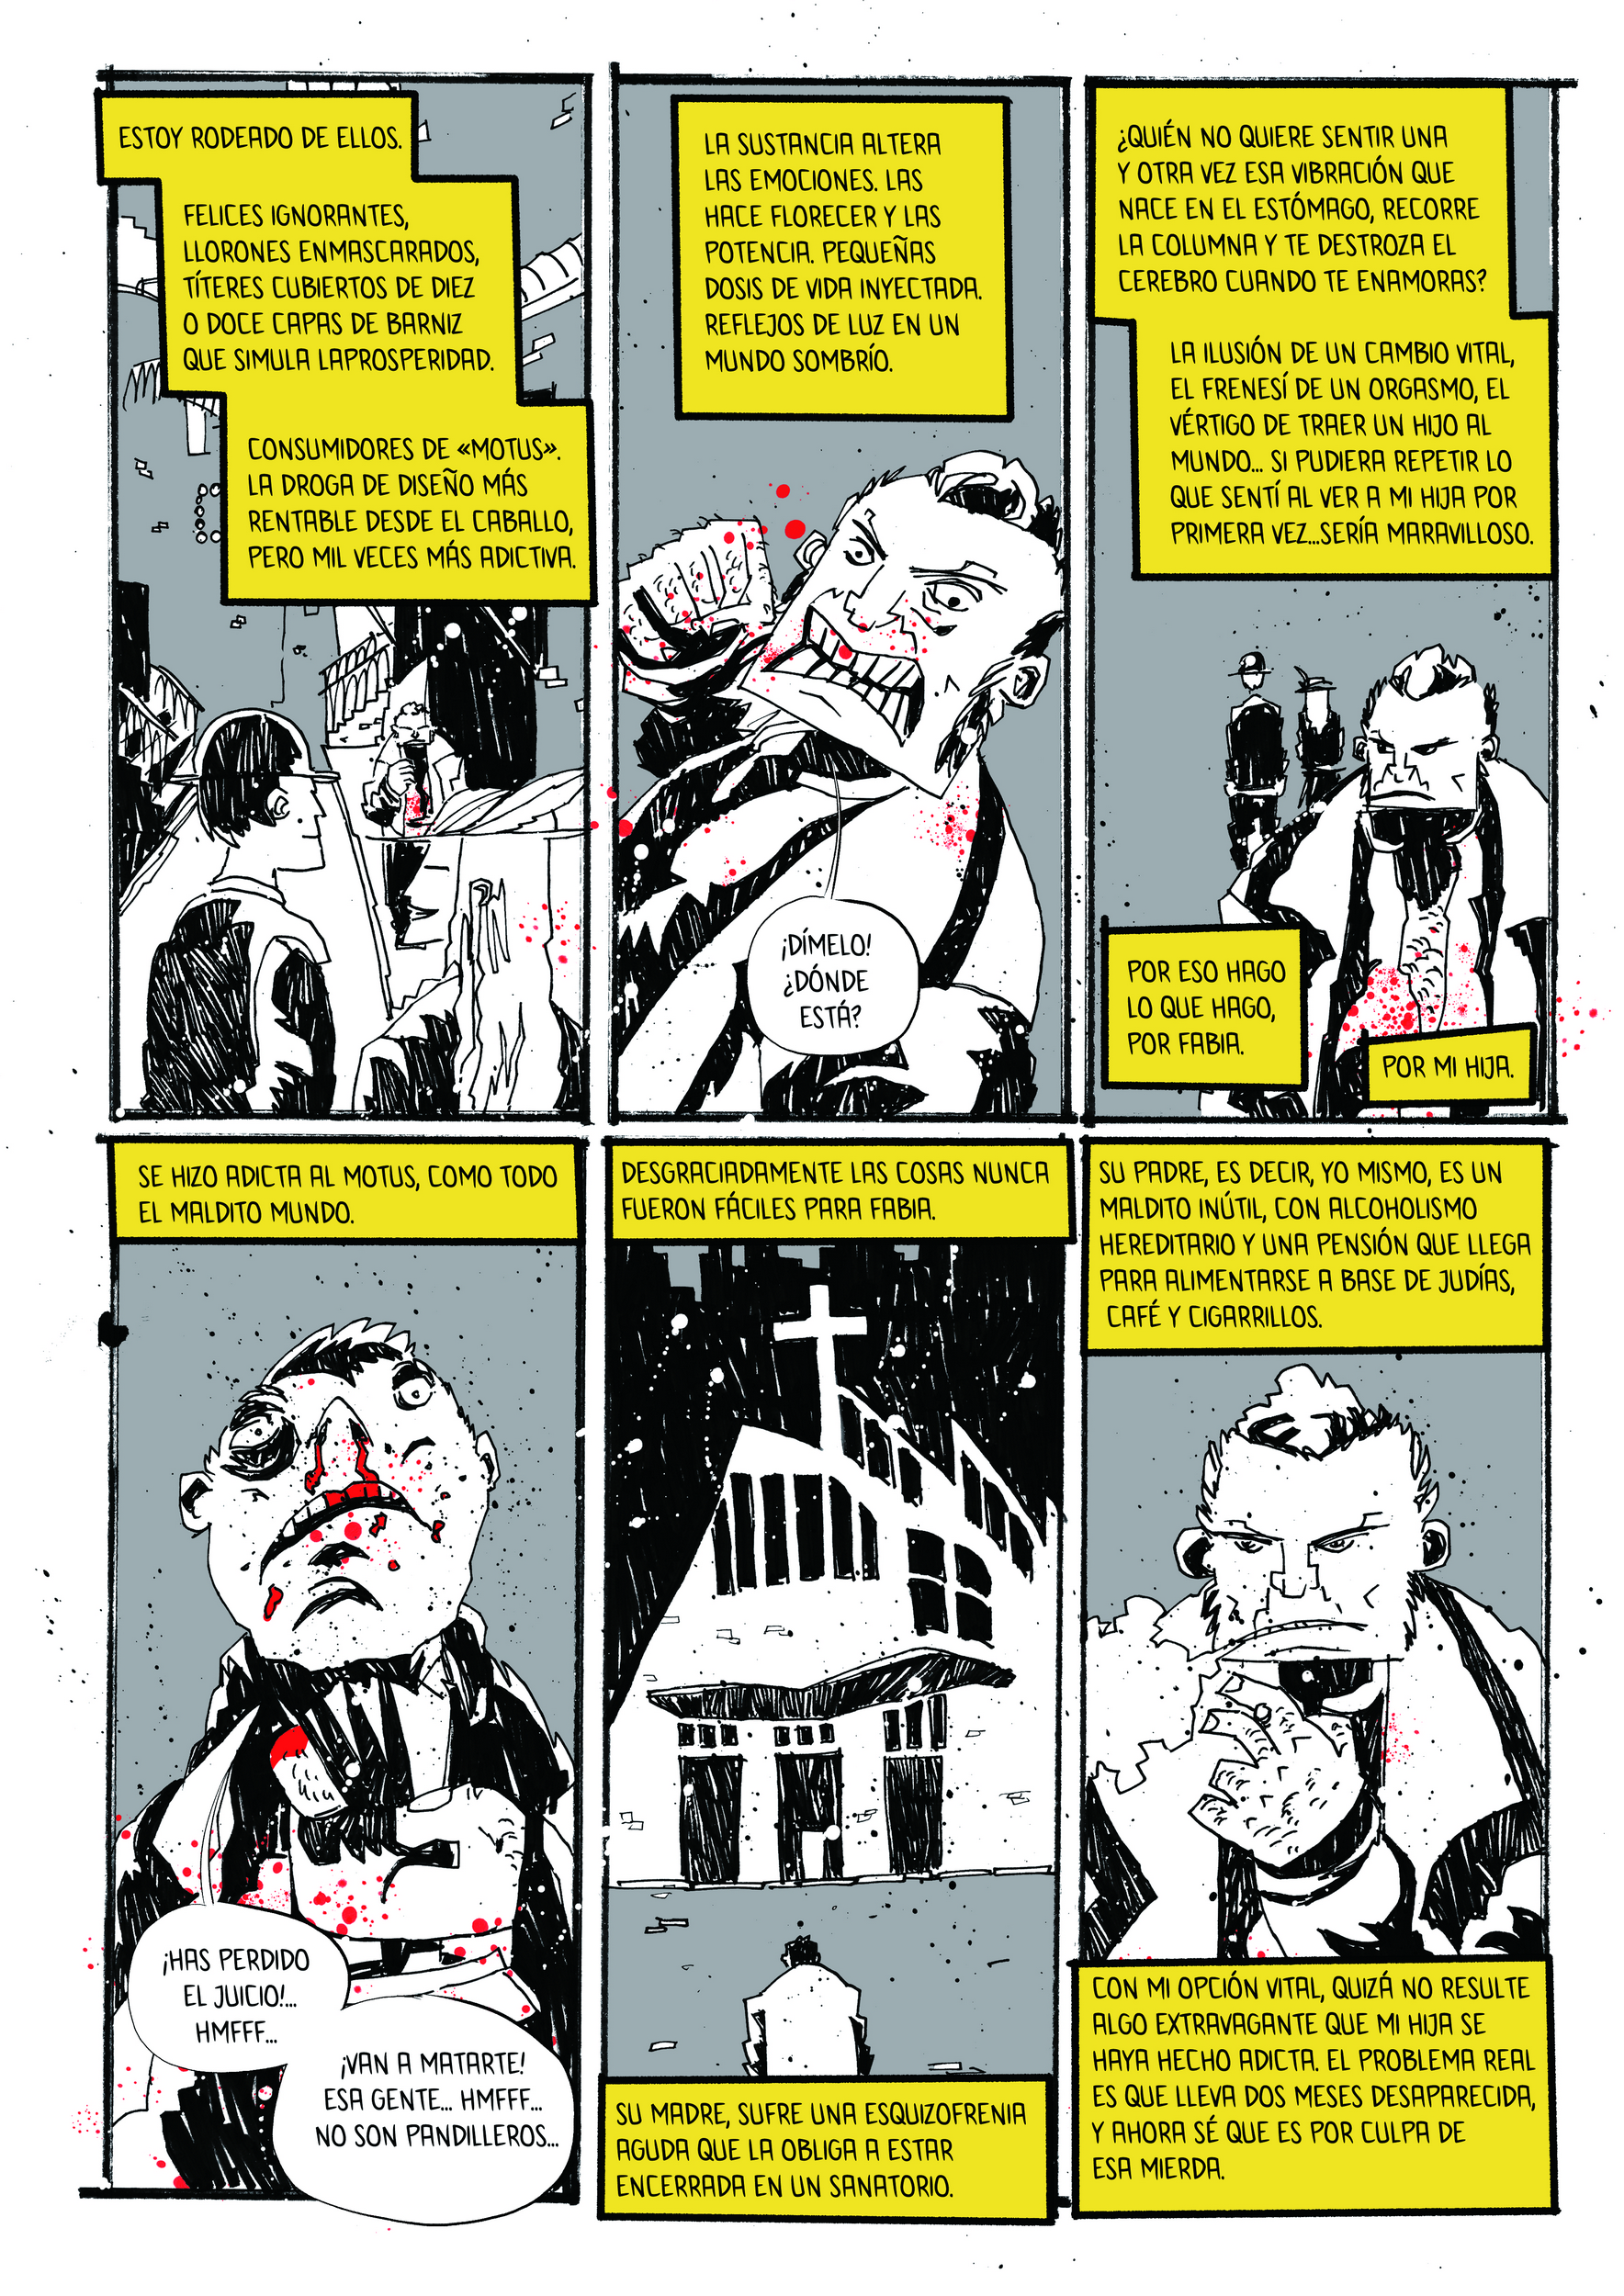 05_Hugo Martín Crespo y Alejandro Cruz Santana_Grind_pagina00004_2500_0017